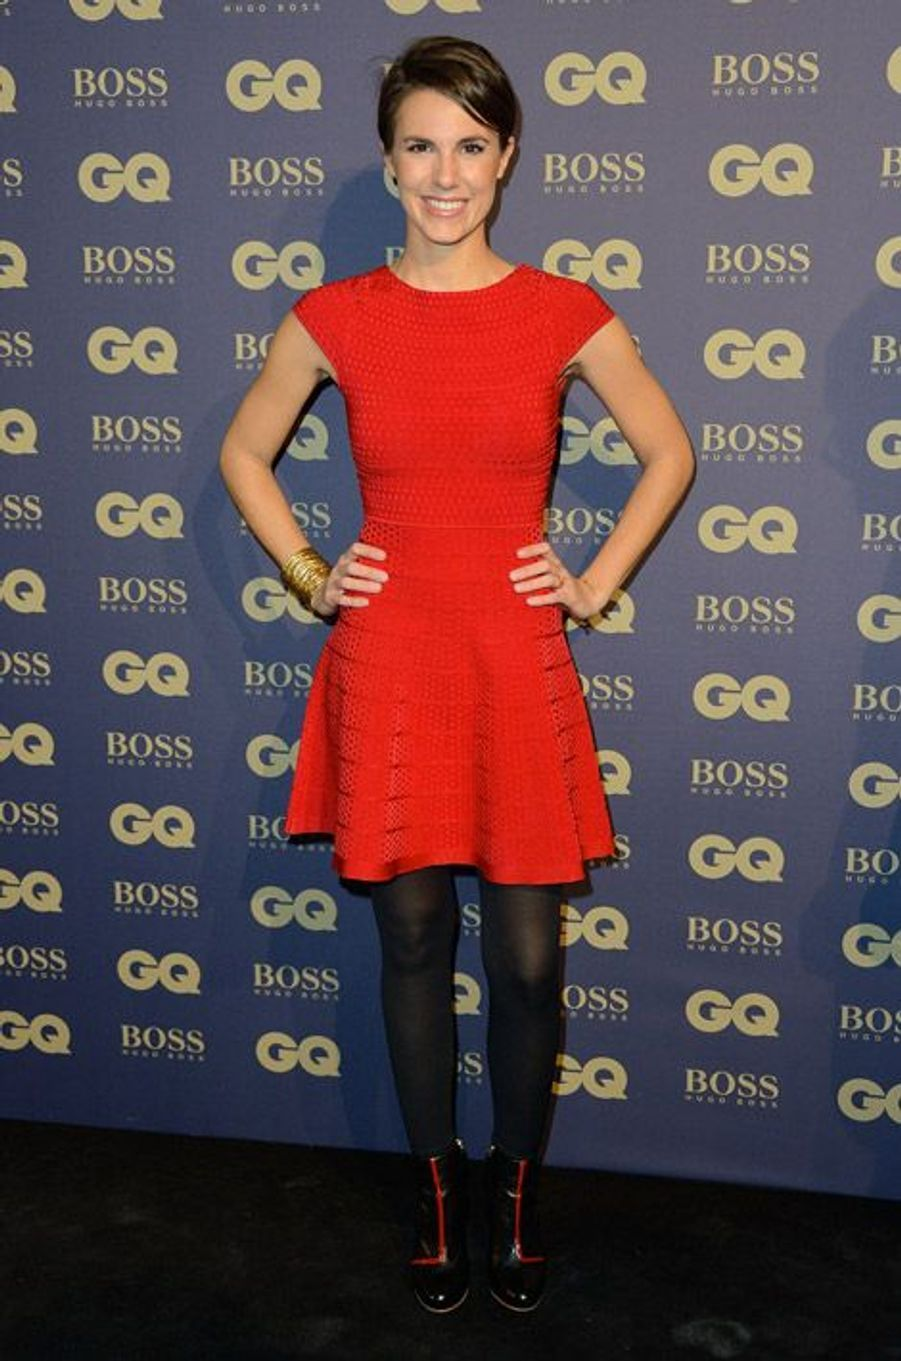 La journaliste Emilie Besse lors d ela soirée GQ à Paris, le 19 novembre 2014